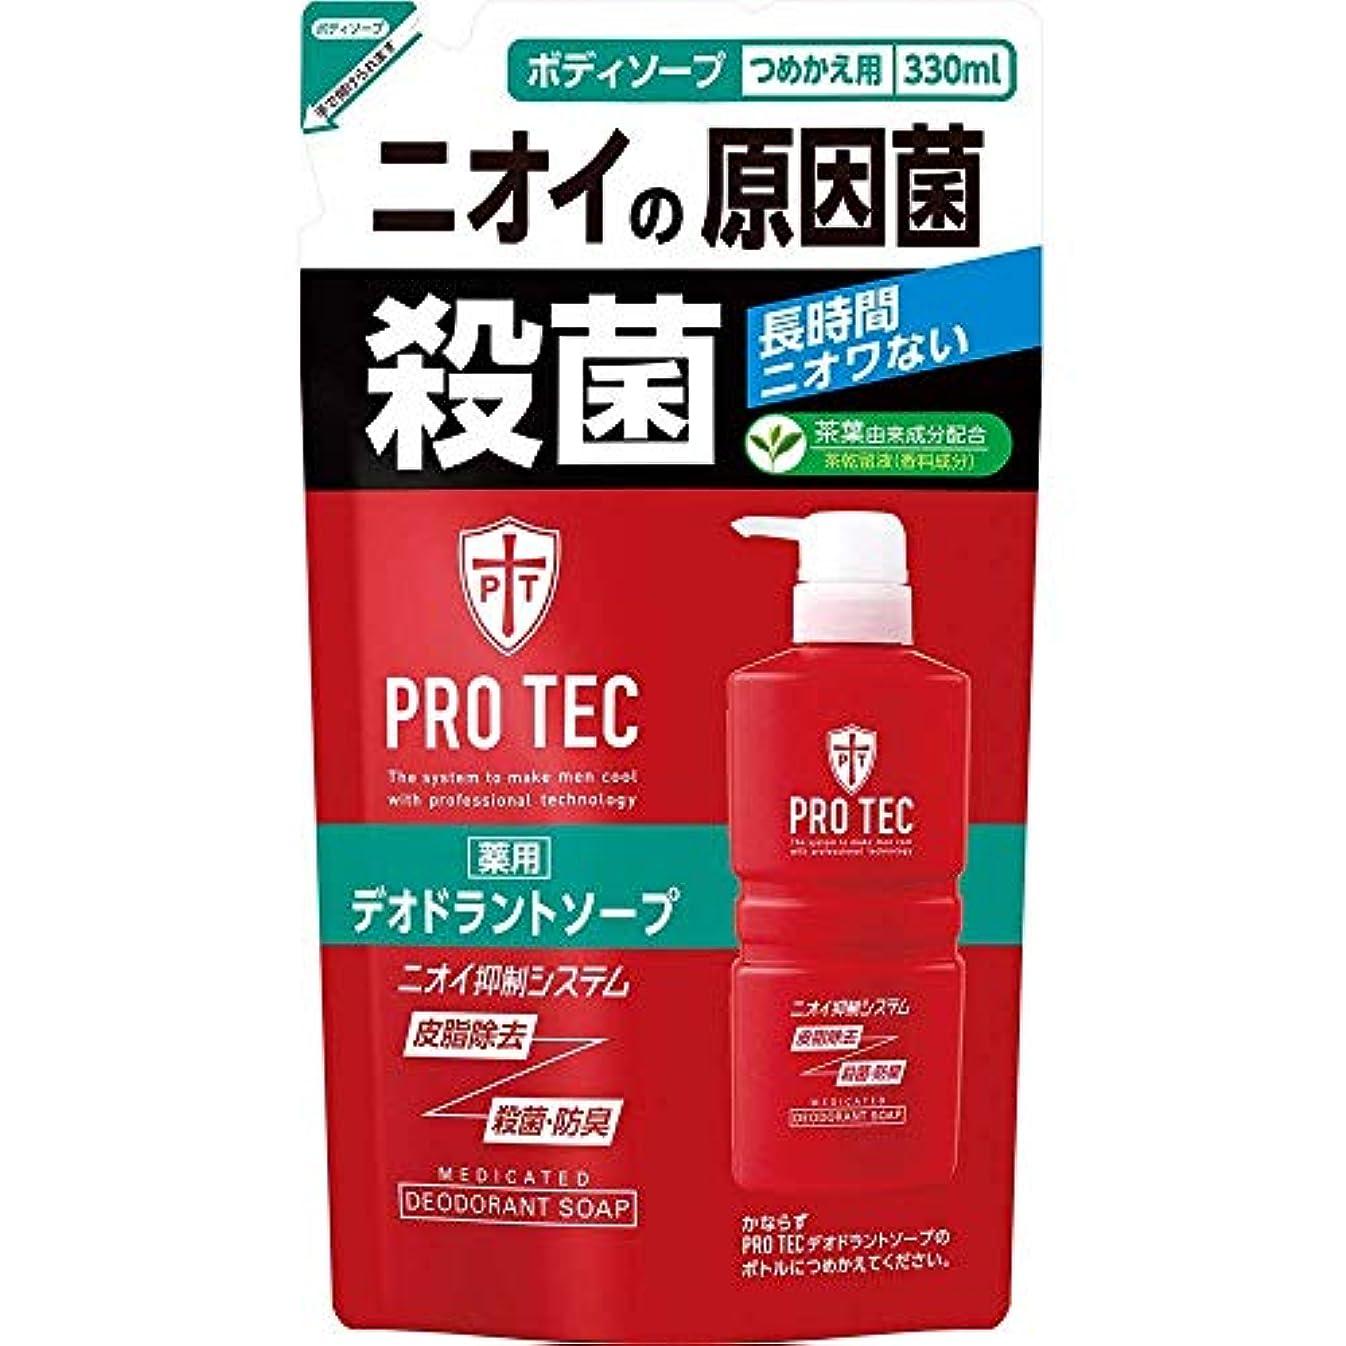 永久に効果的に幻想的PRO TEC デオドラントソープ つめかえ用 330ml ×2セット